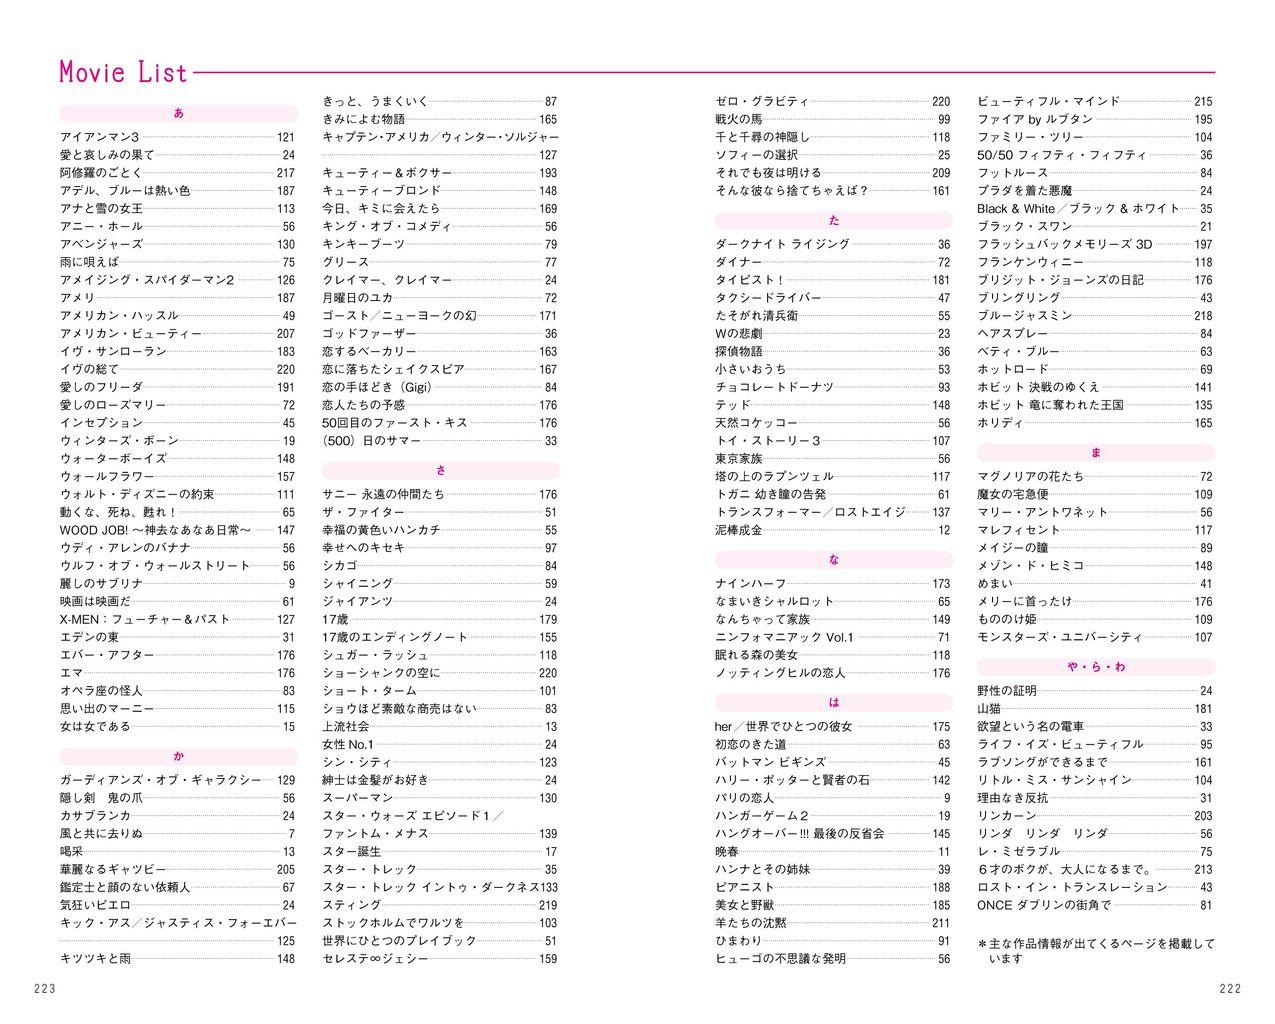 元AKB前田敦子さんがオススメする映画一覧wwww